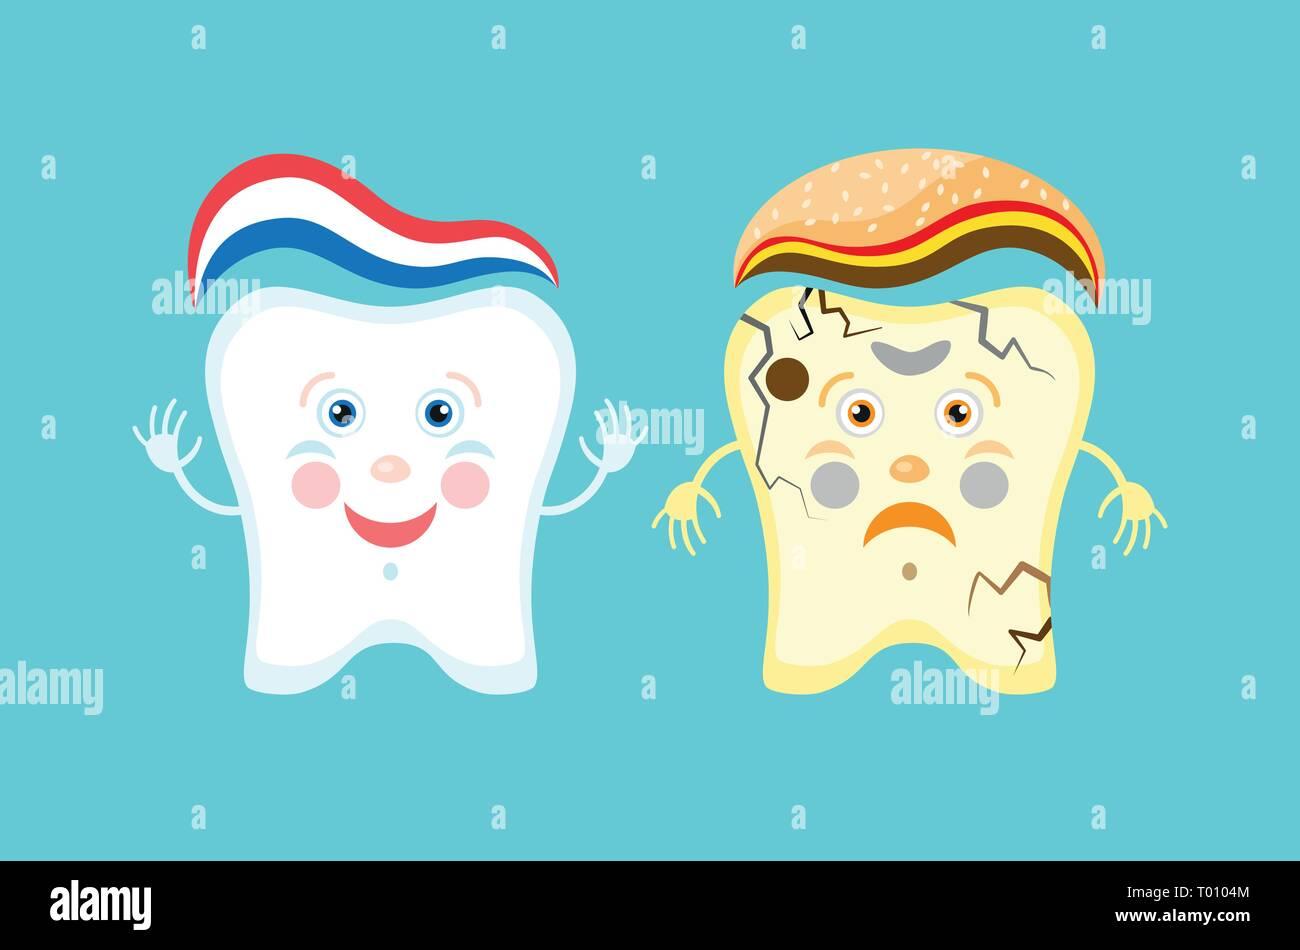 Unhealthy Vs Healthy Teeth Cartoon Comparison